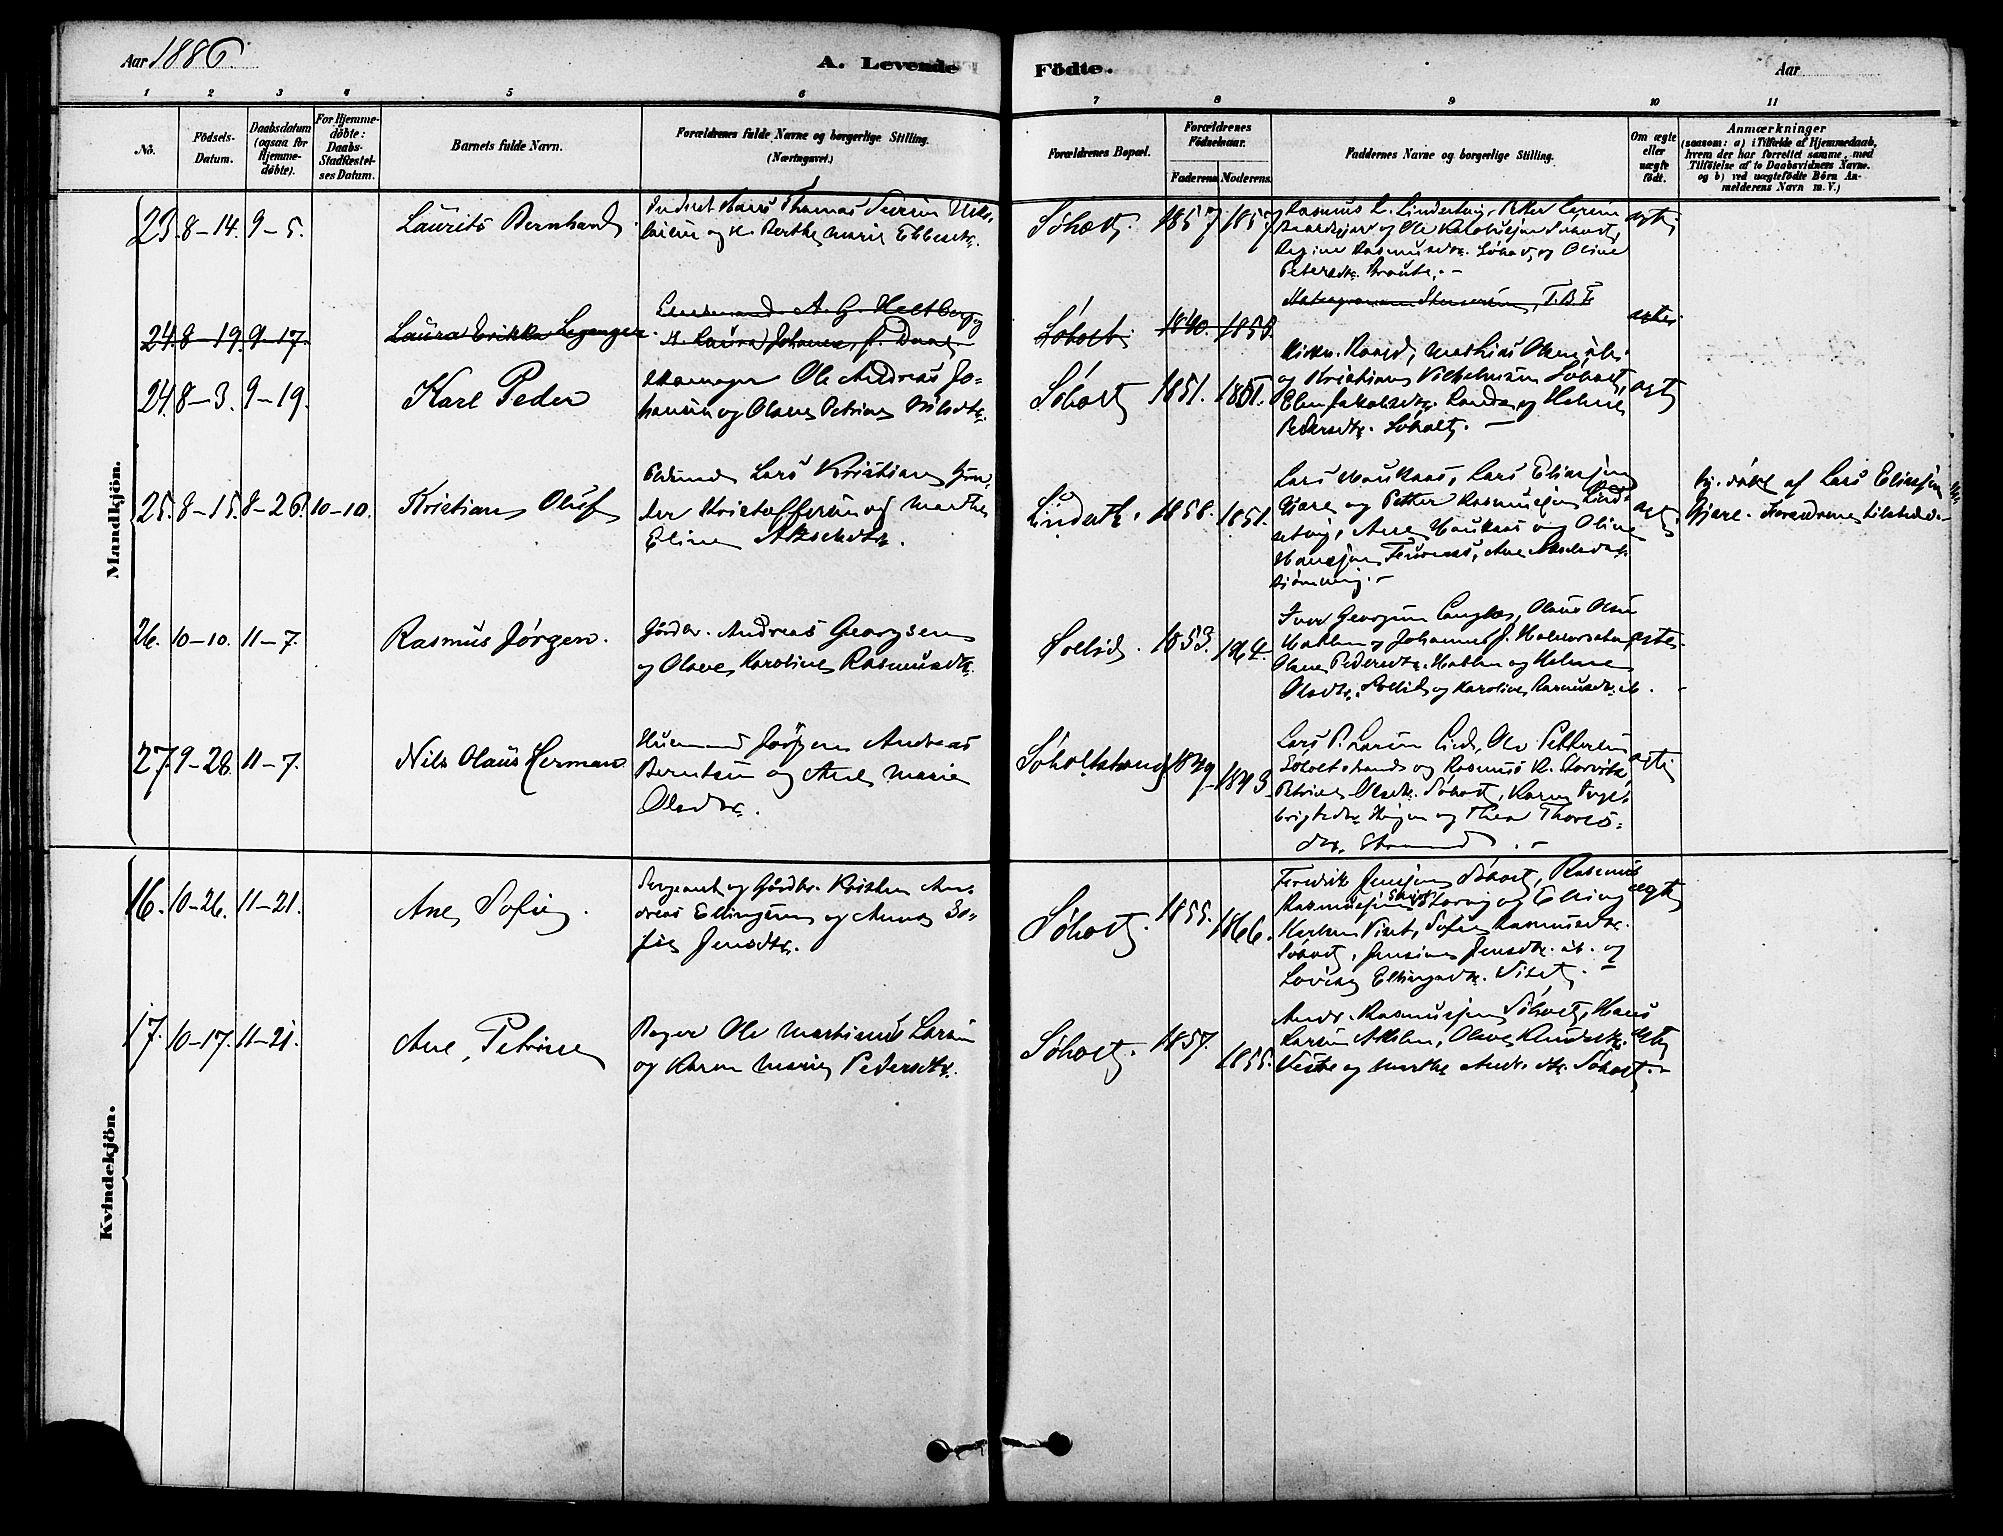 SAT, Ministerialprotokoller, klokkerbøker og fødselsregistre - Møre og Romsdal, 522/L0315: Ministerialbok nr. 522A10, 1878-1890